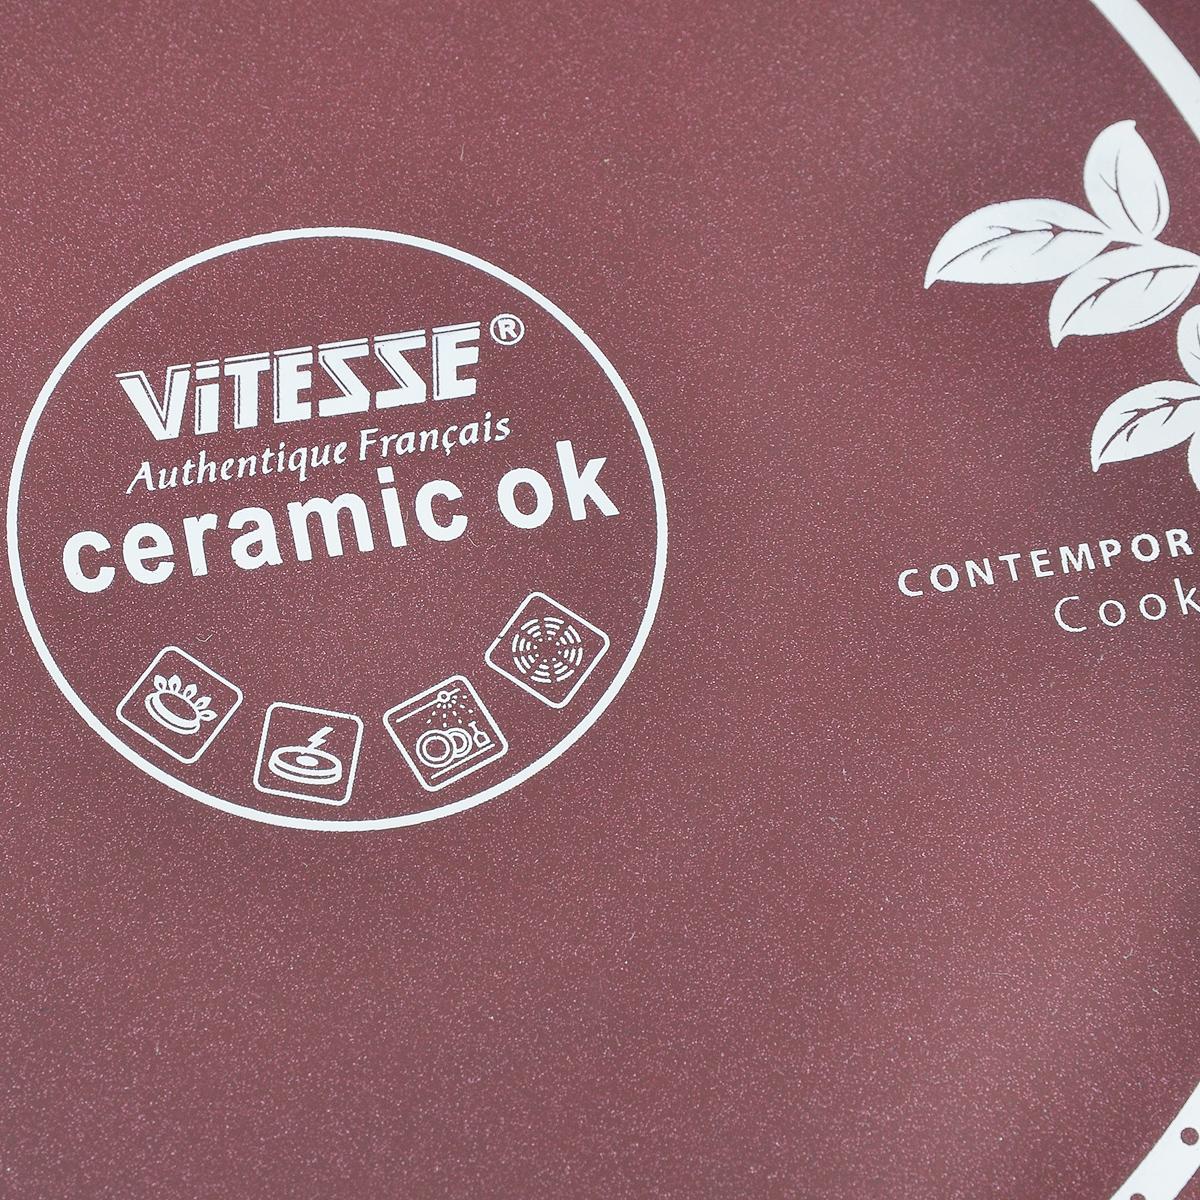 """Сковорода """"Vitesse"""" изготовлена из высококачественного литого алюминия, что  обеспечивает равномерное нагревание и доведение блюд до готовности.  Наружное термостойкое цветное покрытие обеспечивает легкую чистку.  Внутреннее керамическое покрытие Eco-Cera абсолютно безопасно  для здоровья человека и окружающей среды, так как не содержит вредной  примеси PFOA и имеет низкое содержание CO в выбросах при производстве.  Керамическое покрытие обладает высокой прочностью, что позволяет готовить  при температуре до 450°С и использовать металлическую лопатку. Кроме того, с таким покрытием пища не пригорает и не  прилипает к стенкам. Готовить можно с  минимальным количеством подсолнечного масла.  Сковорода оснащена бакелитовой высокопрочной огнестойкой не нагревающейся  ручкой эргономичной формы.  Можно использовать на газовых, электрических, стеклокерамических,  галогенных плитах. Можно мыть в посудомоечной машине.  Диаметр сковороды: 20 см.  Высота стенок: 4,5 см.  Толщина стенок: 2 мм.  Толщина дна: 3 мм.  Длина ручки: 16 см."""